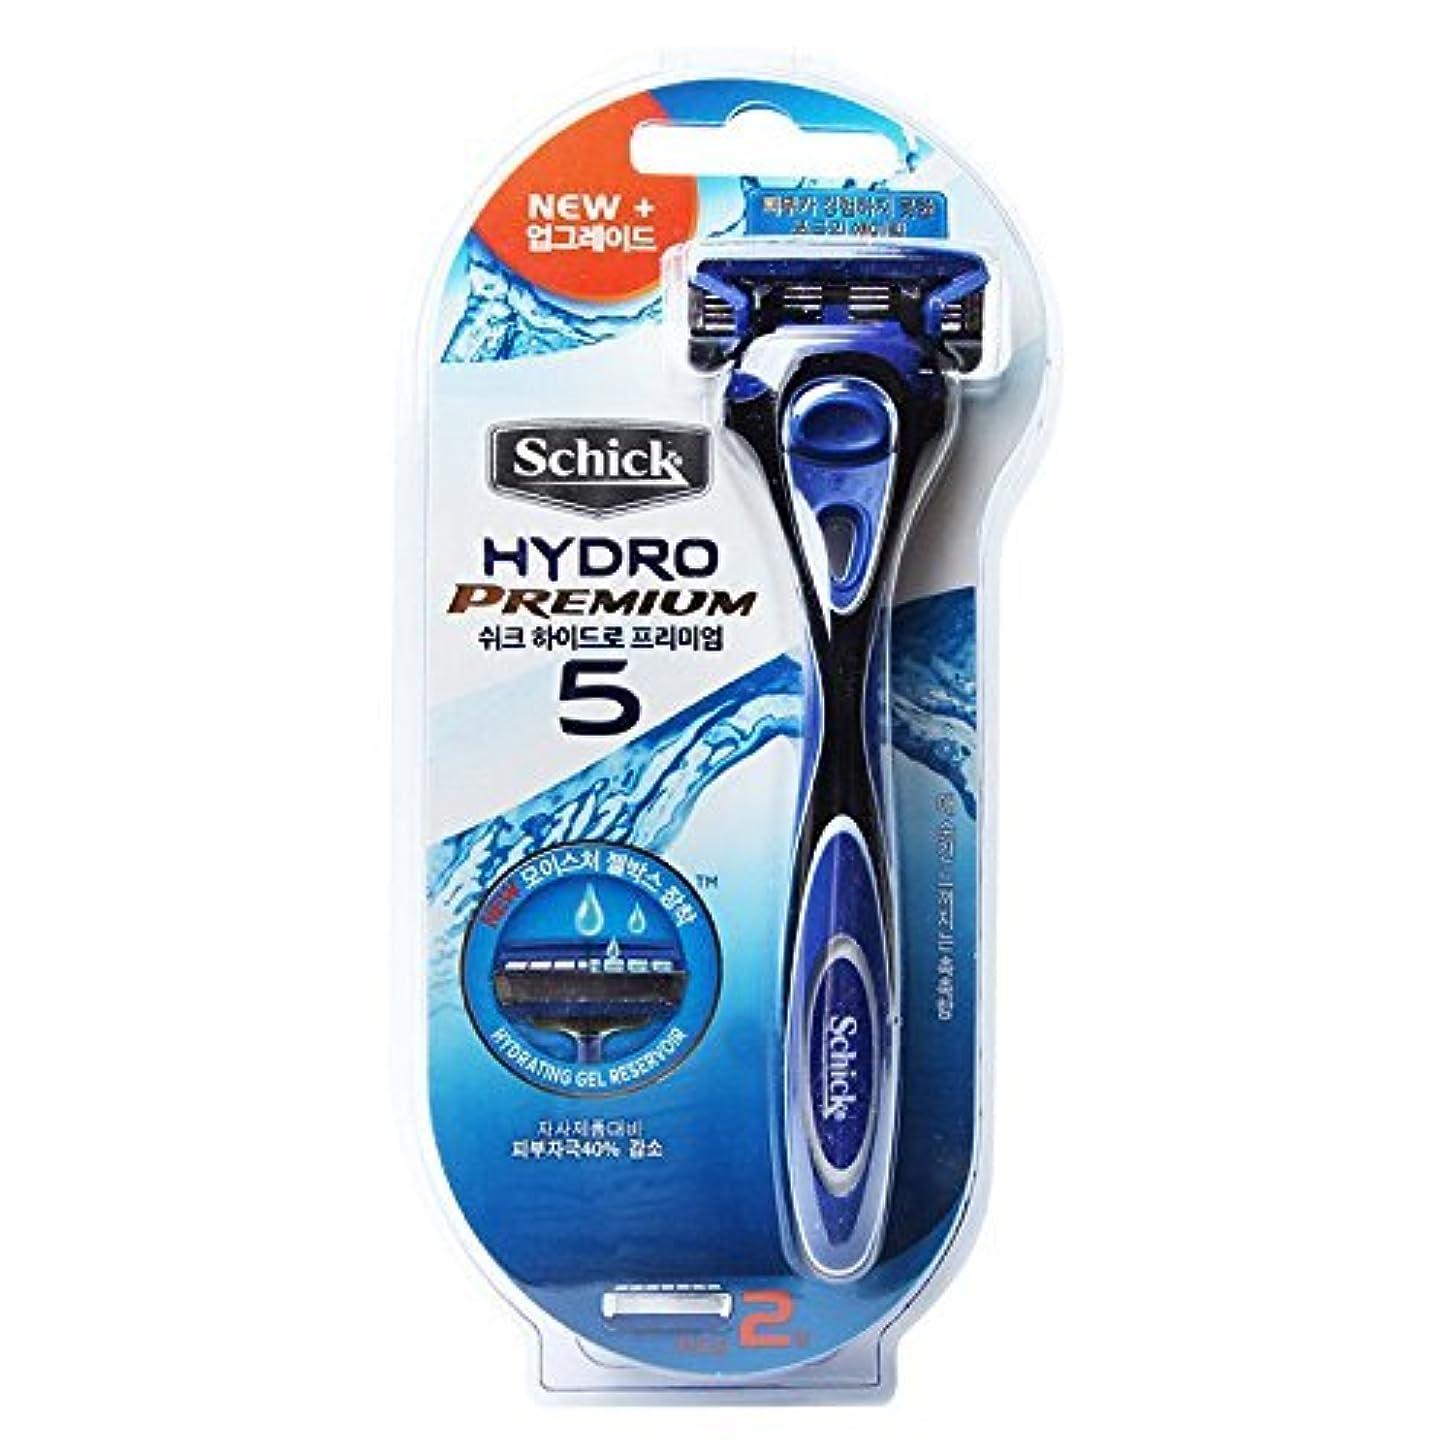 正当化する微妙八百屋さんSchick Hydro 5 Premium トリマーで男性と2カミソリ詰め替え用カミソリ [並行輸入品]